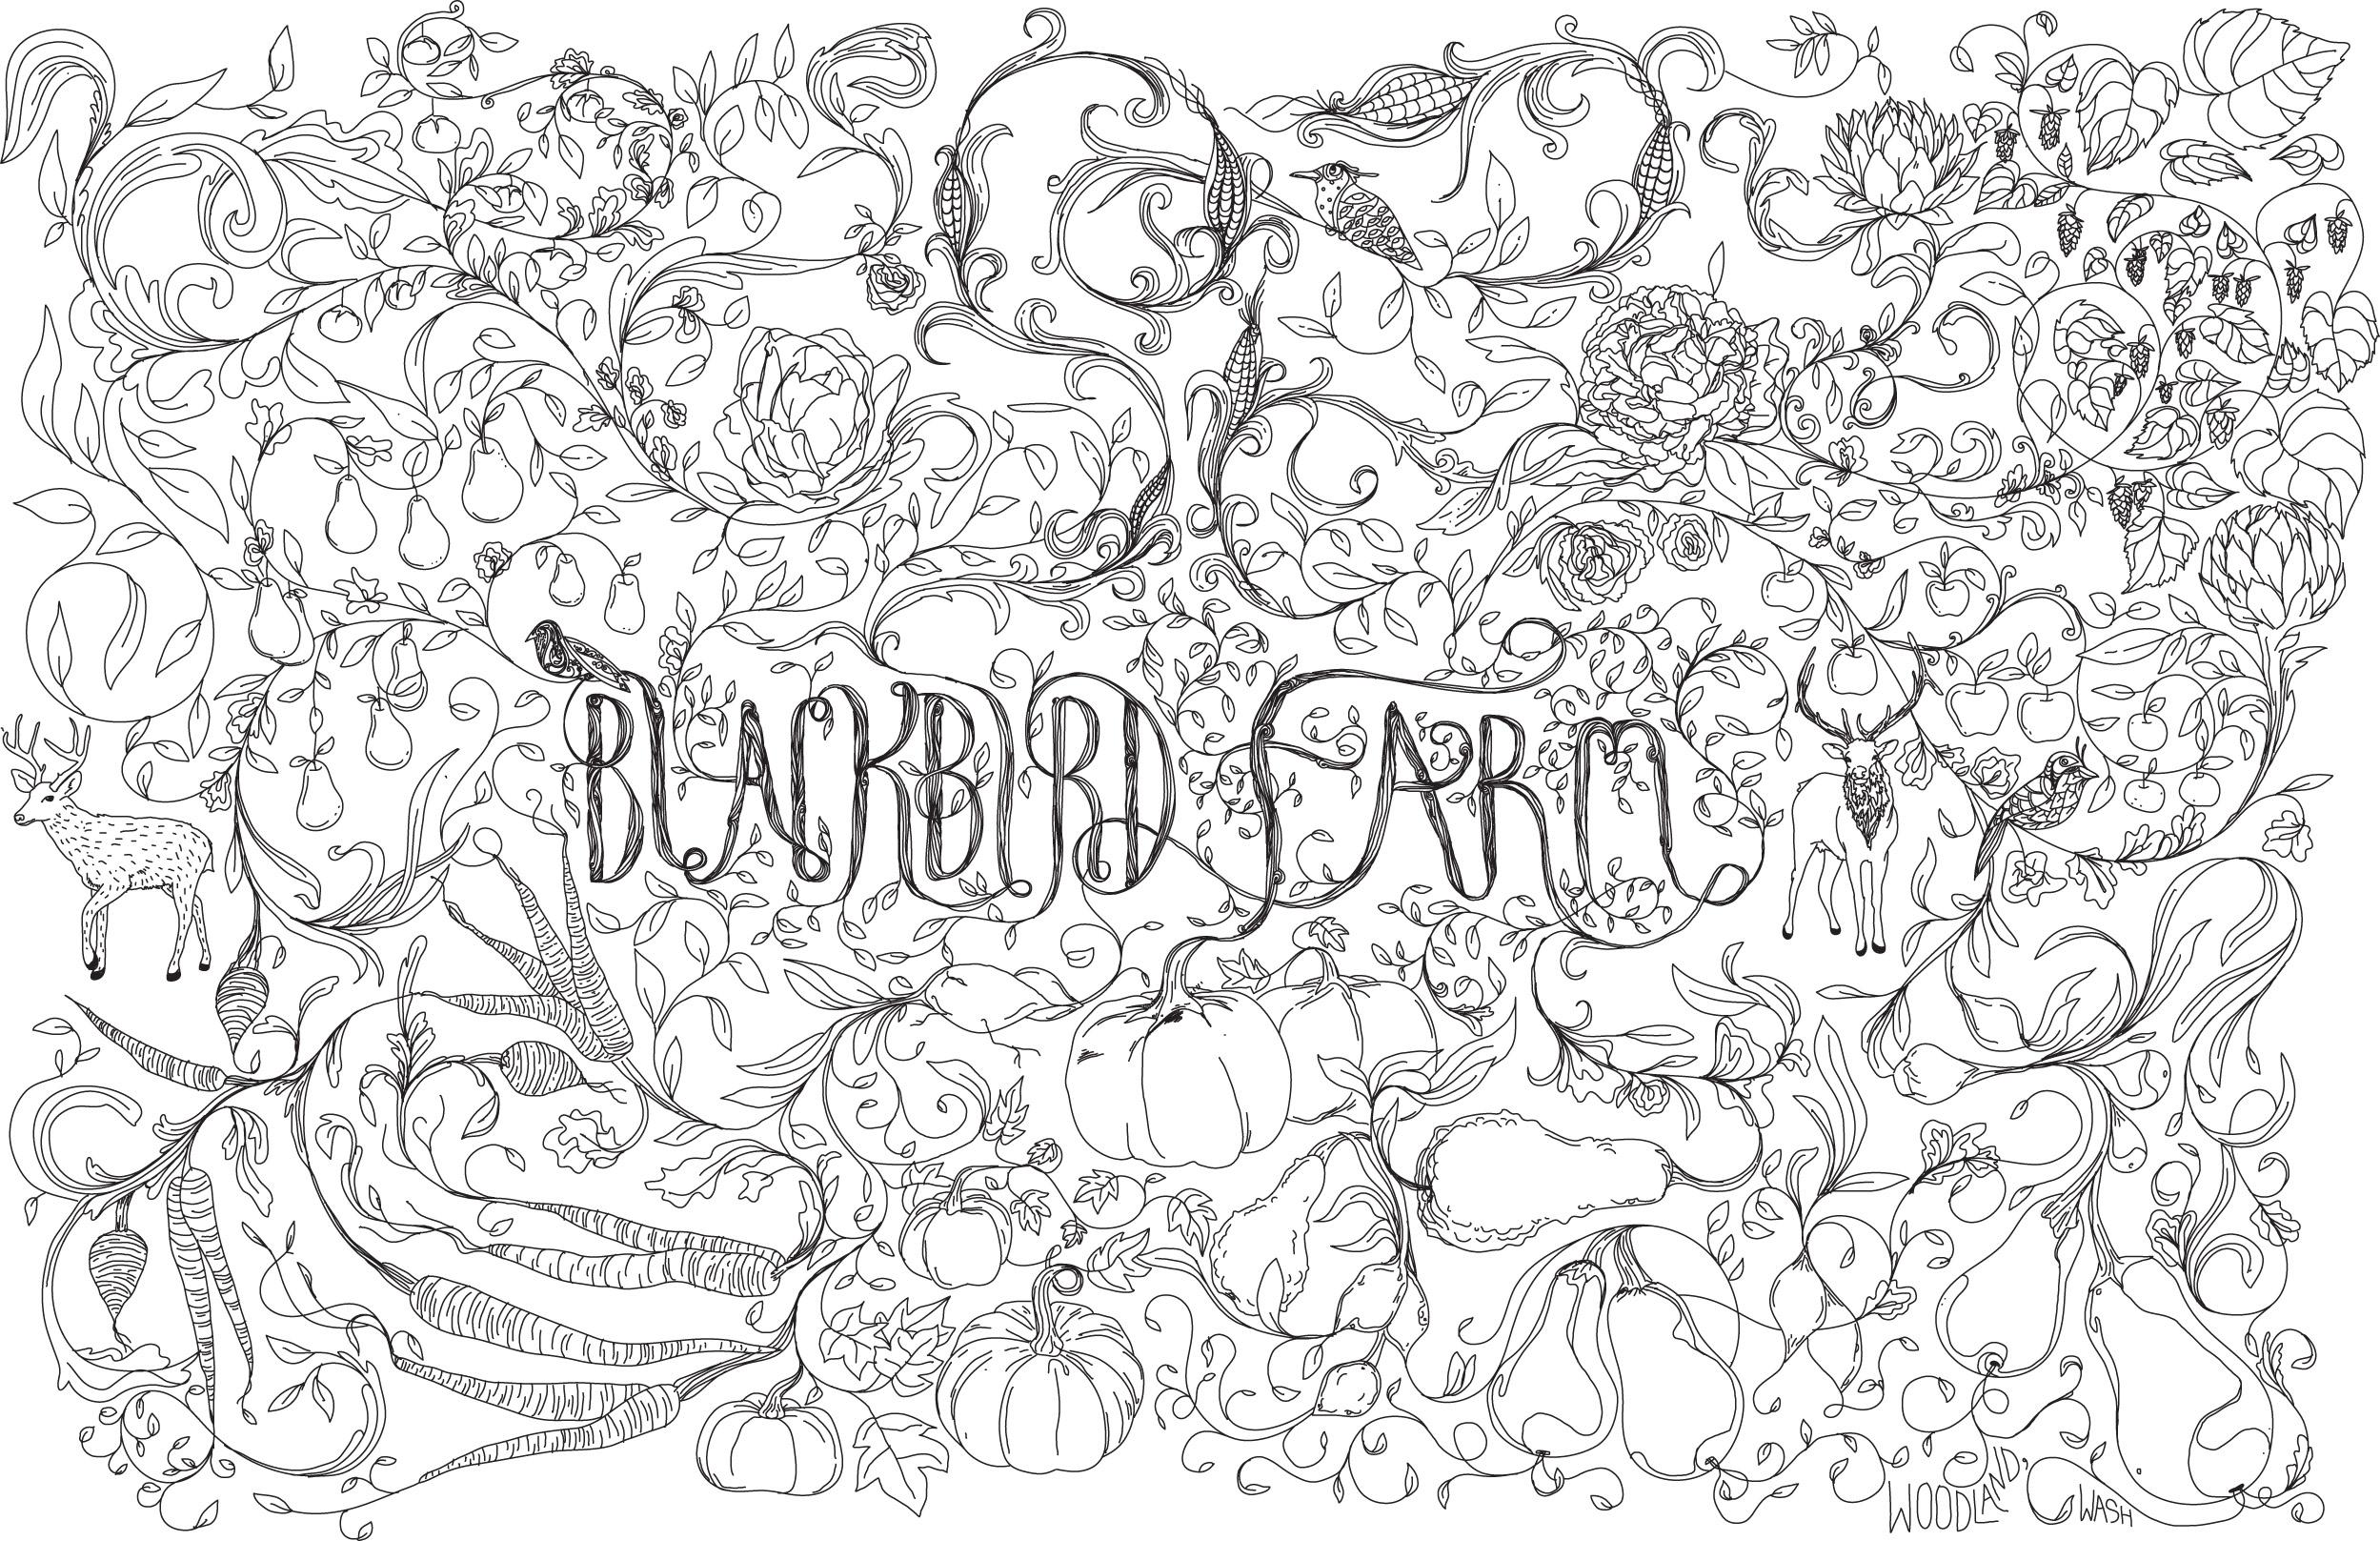 Blackbird_Farm_Art.jpg